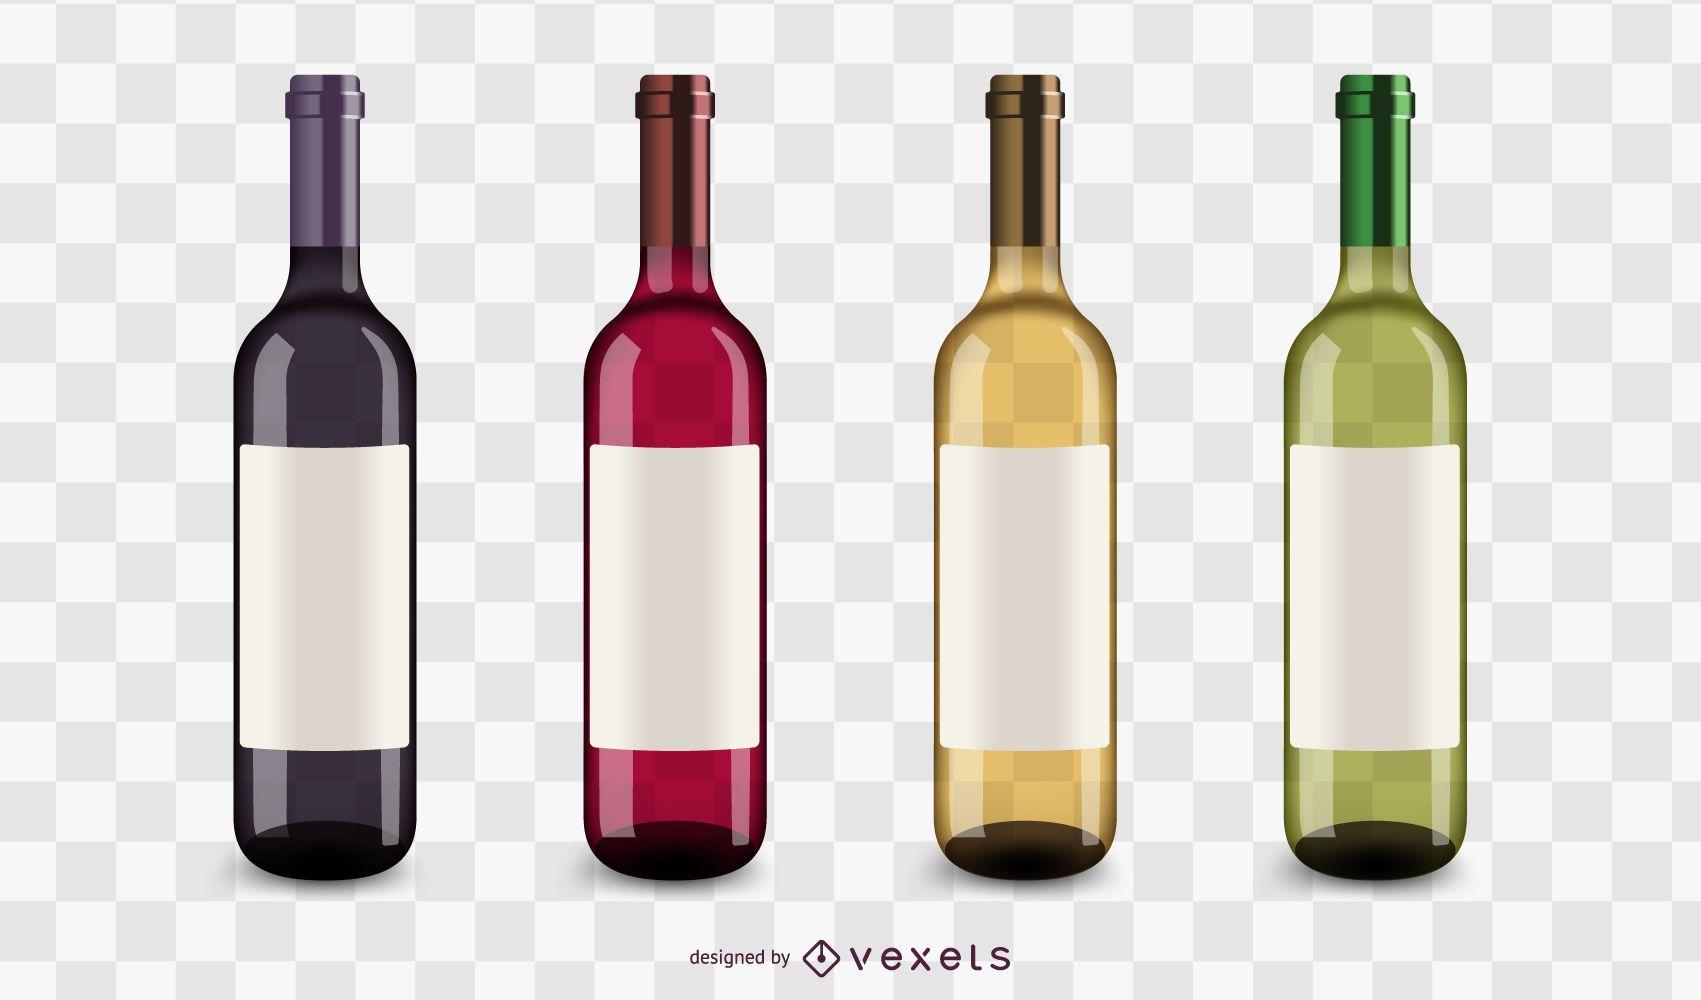 Wine bottles icons set